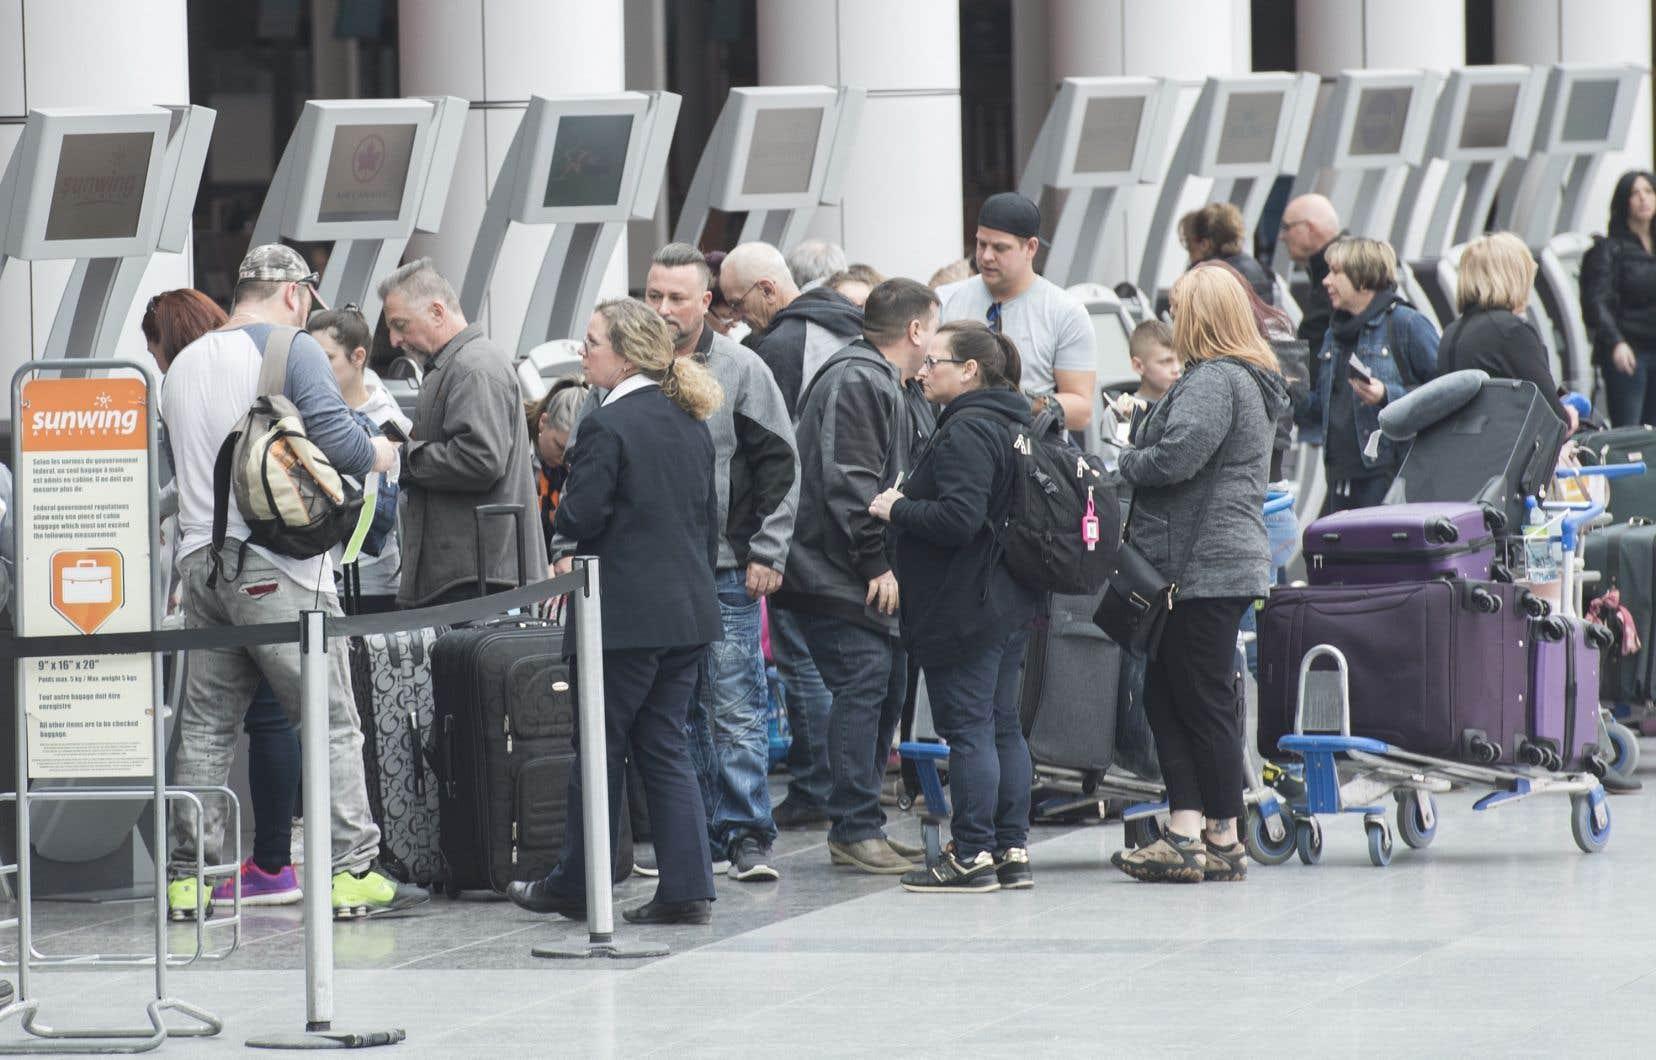 Les passagers victimes d'un refus d'embarquement avant le départ de leur vol pourront recevoir une indemnité de la part des transporteurs.